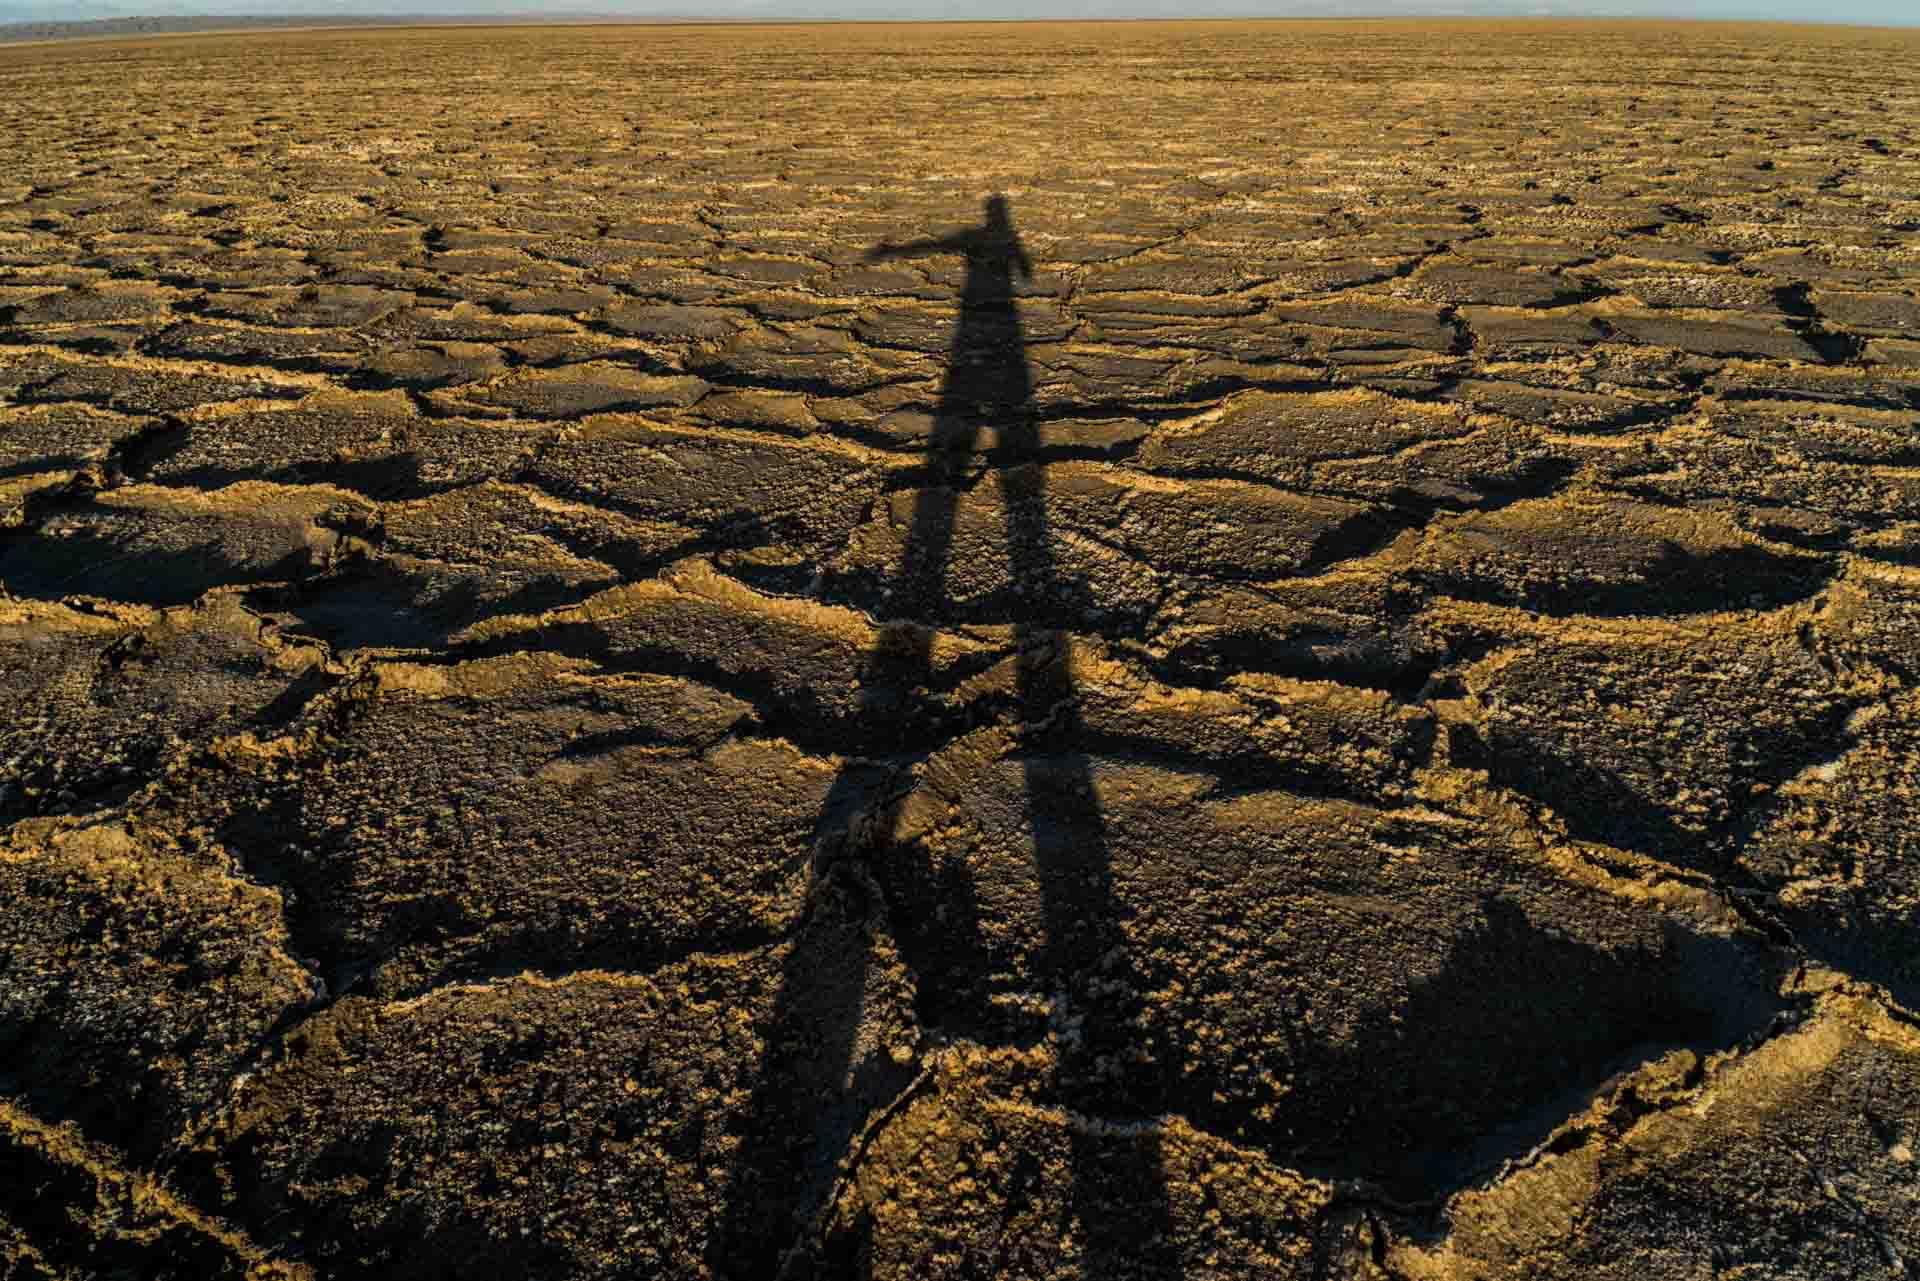 Maranjab Desert Salt Lake 2, kashan, iran, pescart, photo blog, travel blog, blog, photo travel blog, enrico pescantini, pescantini